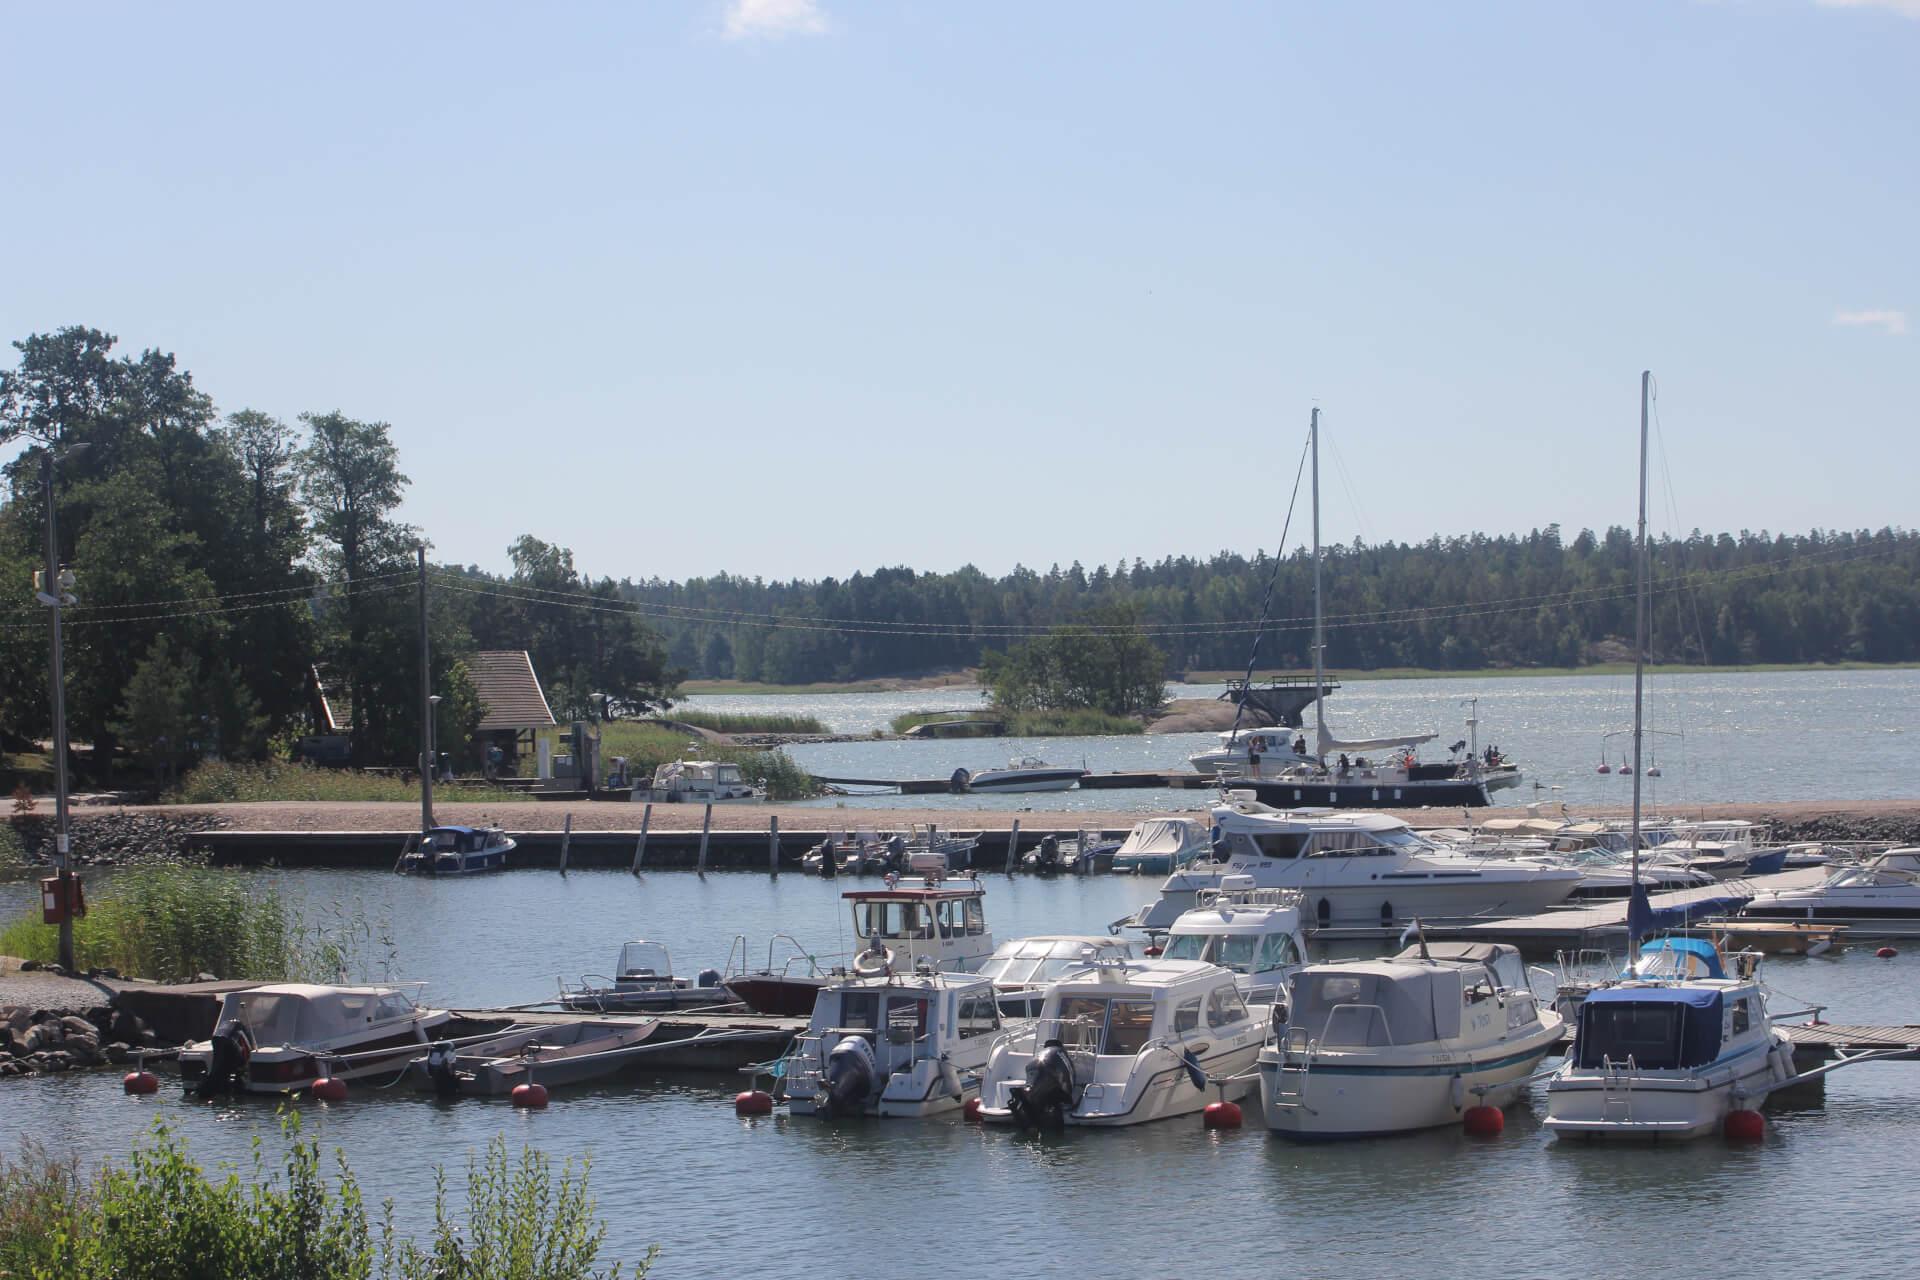 Satama-allasta suojaa kalkkikivestä rakennettu aallonmurtaja ja sataman vierestä löytyy uimapaikka ja hyppyteline.